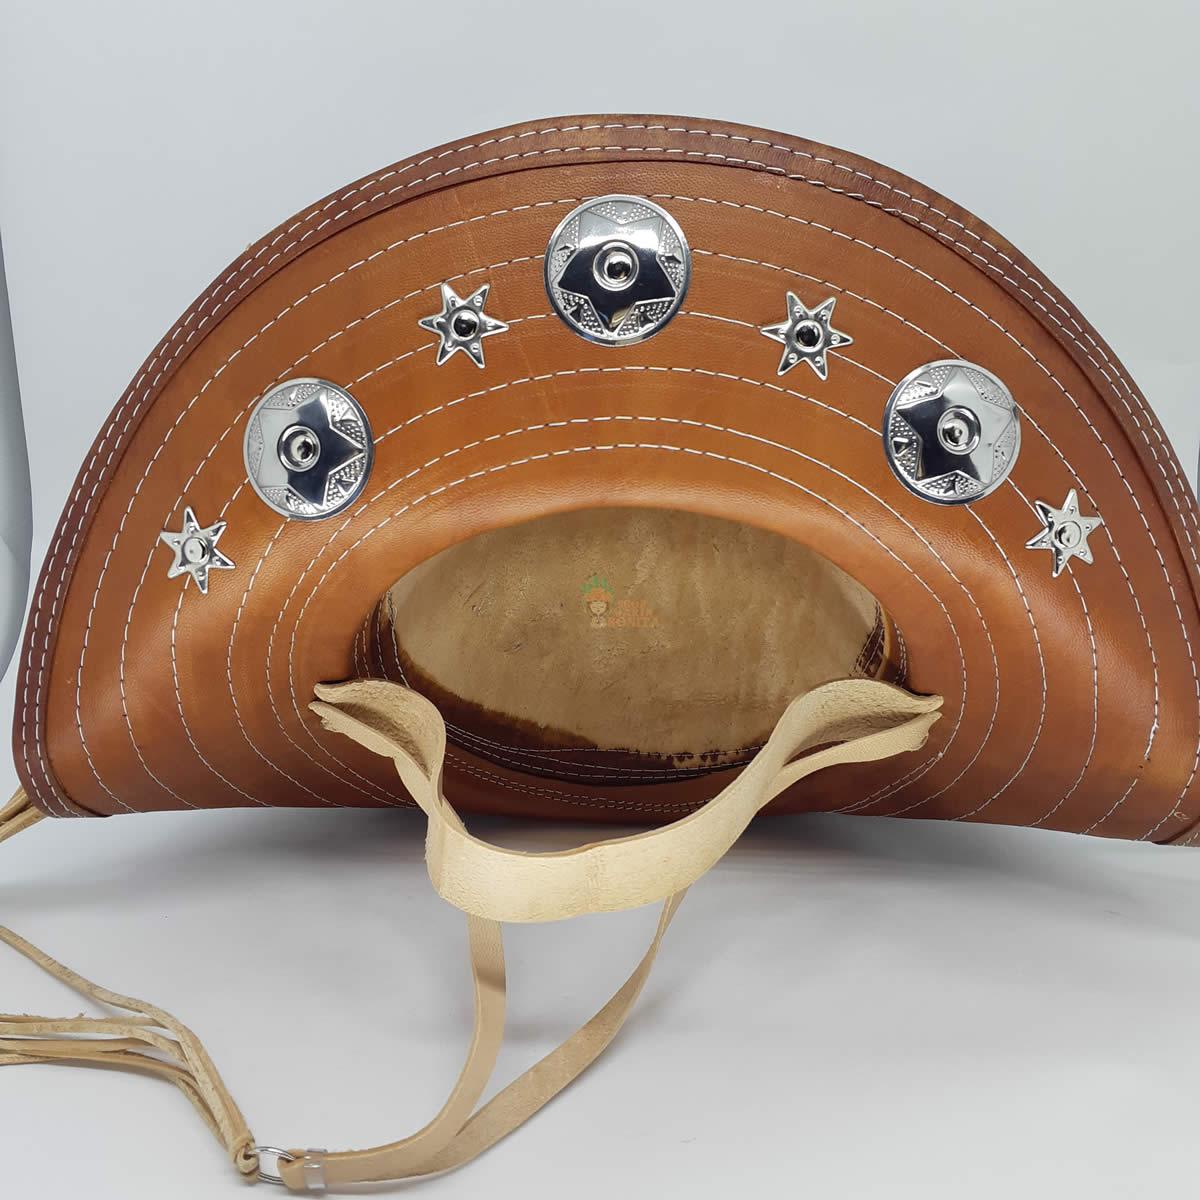 Aqui você encontra Chapeu de Cangaceiro, Chapéu de Lampiao, Chapeu Maria Bonita, Shop Maria Bonita